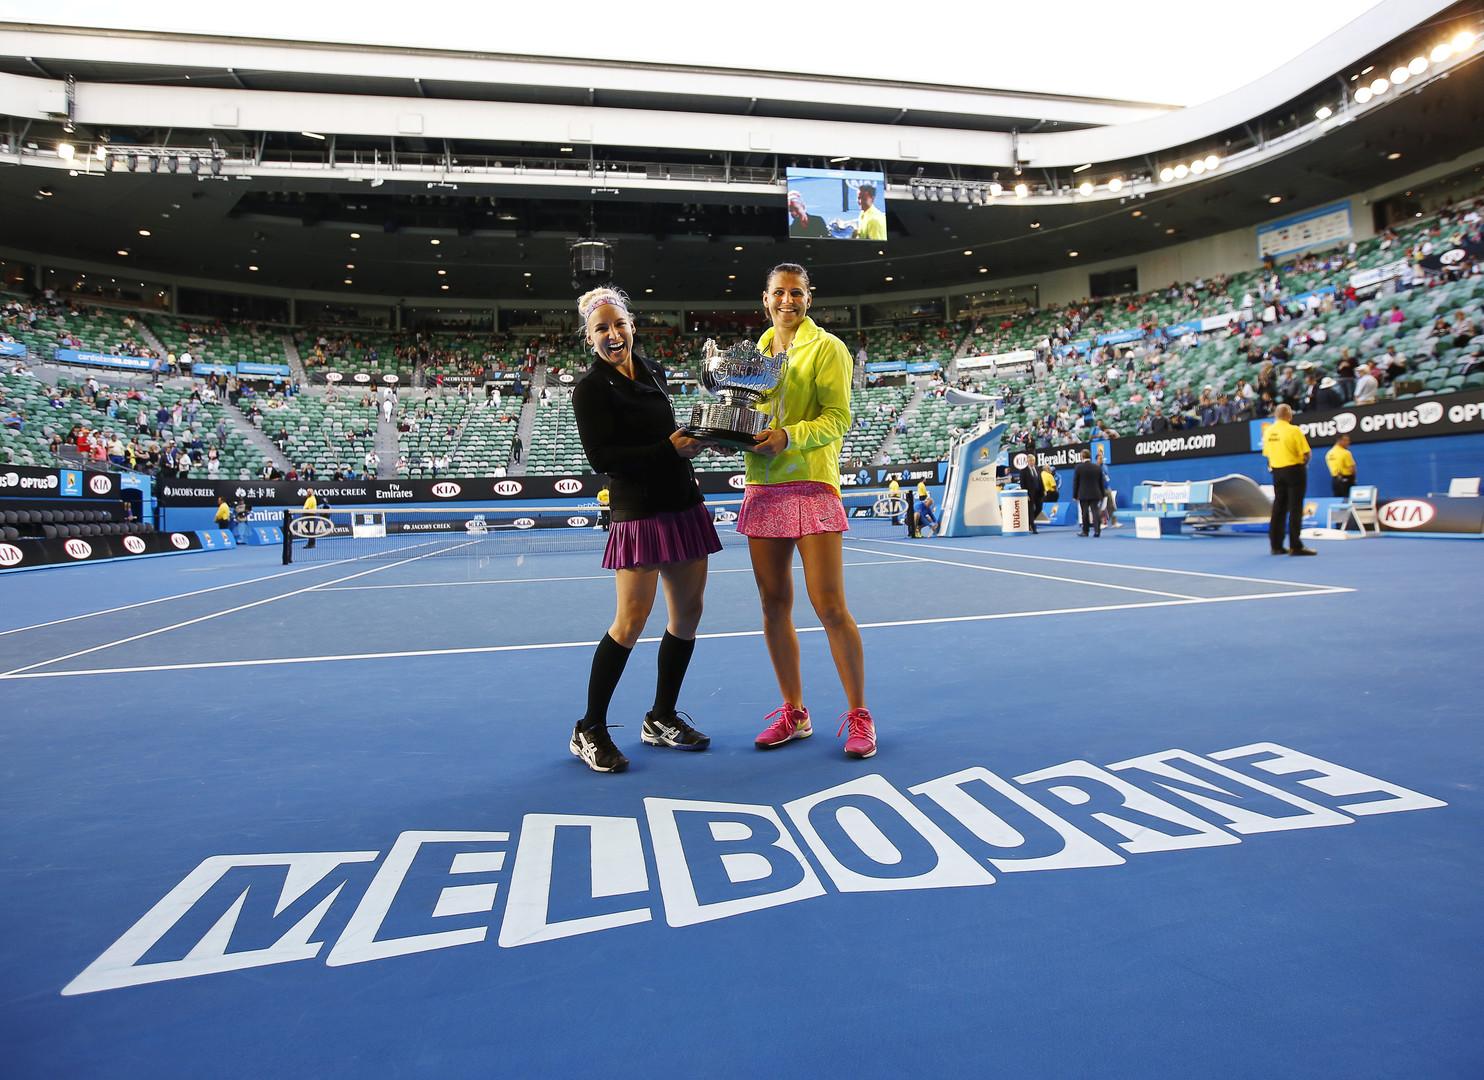 بالصور .. تتويج ساندز وسفاروفا بلقب زوجي السيدات لبطولة استراليا